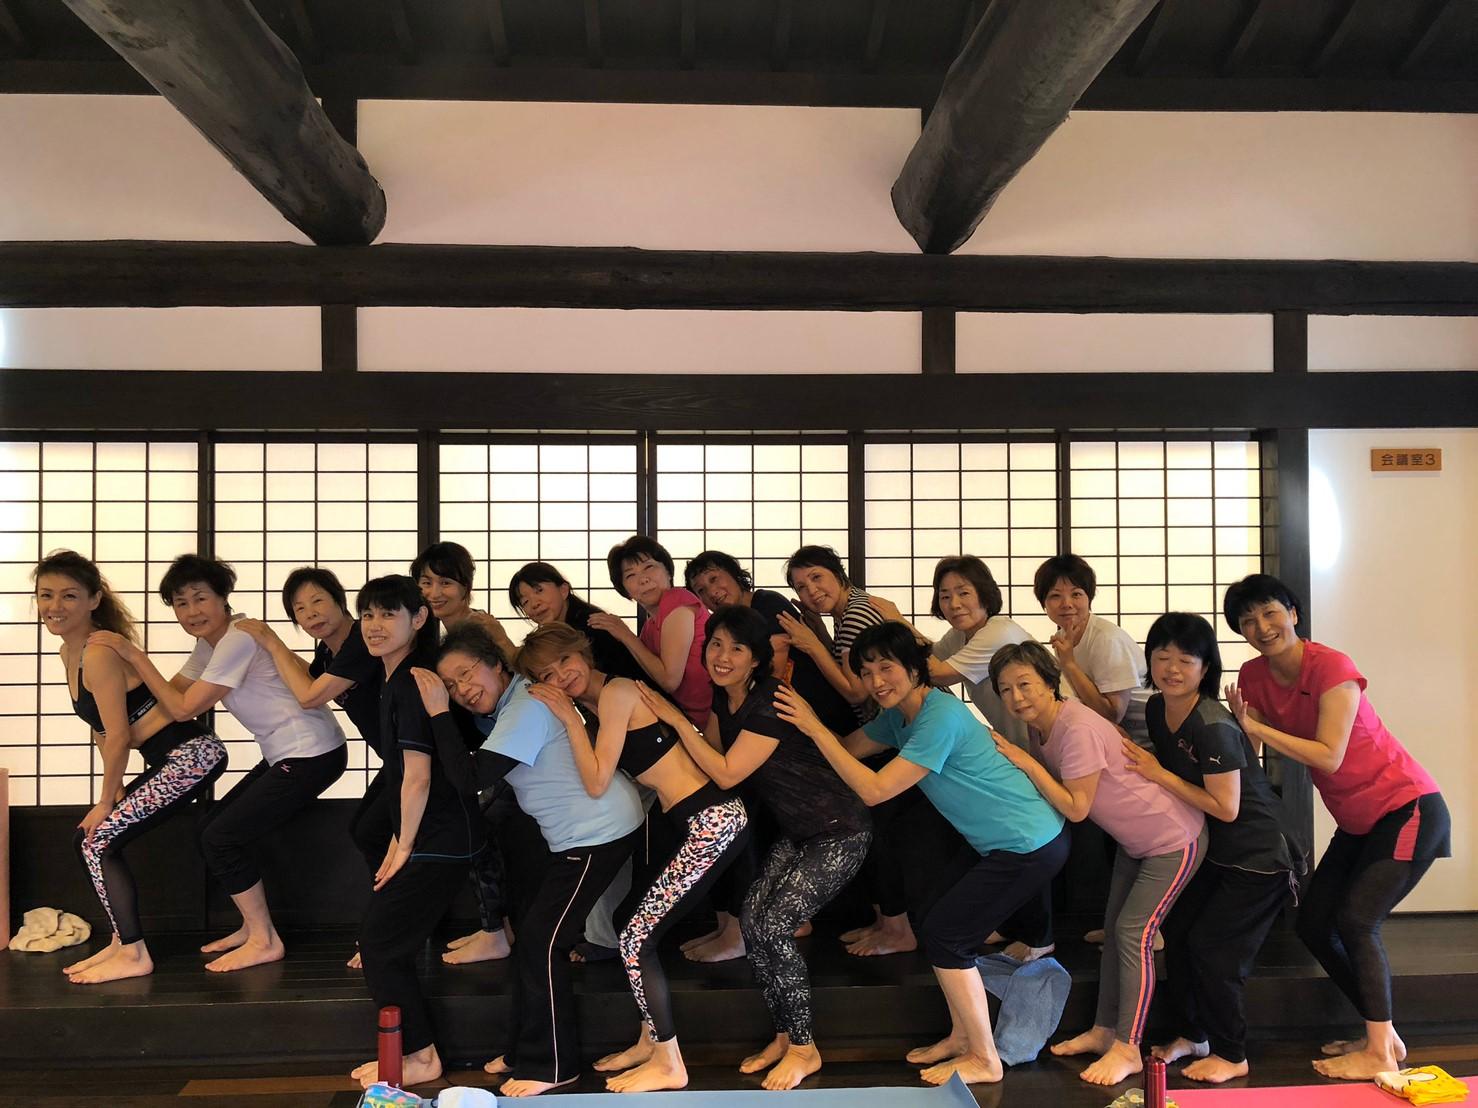 姫路教室でのレッスン風景です。